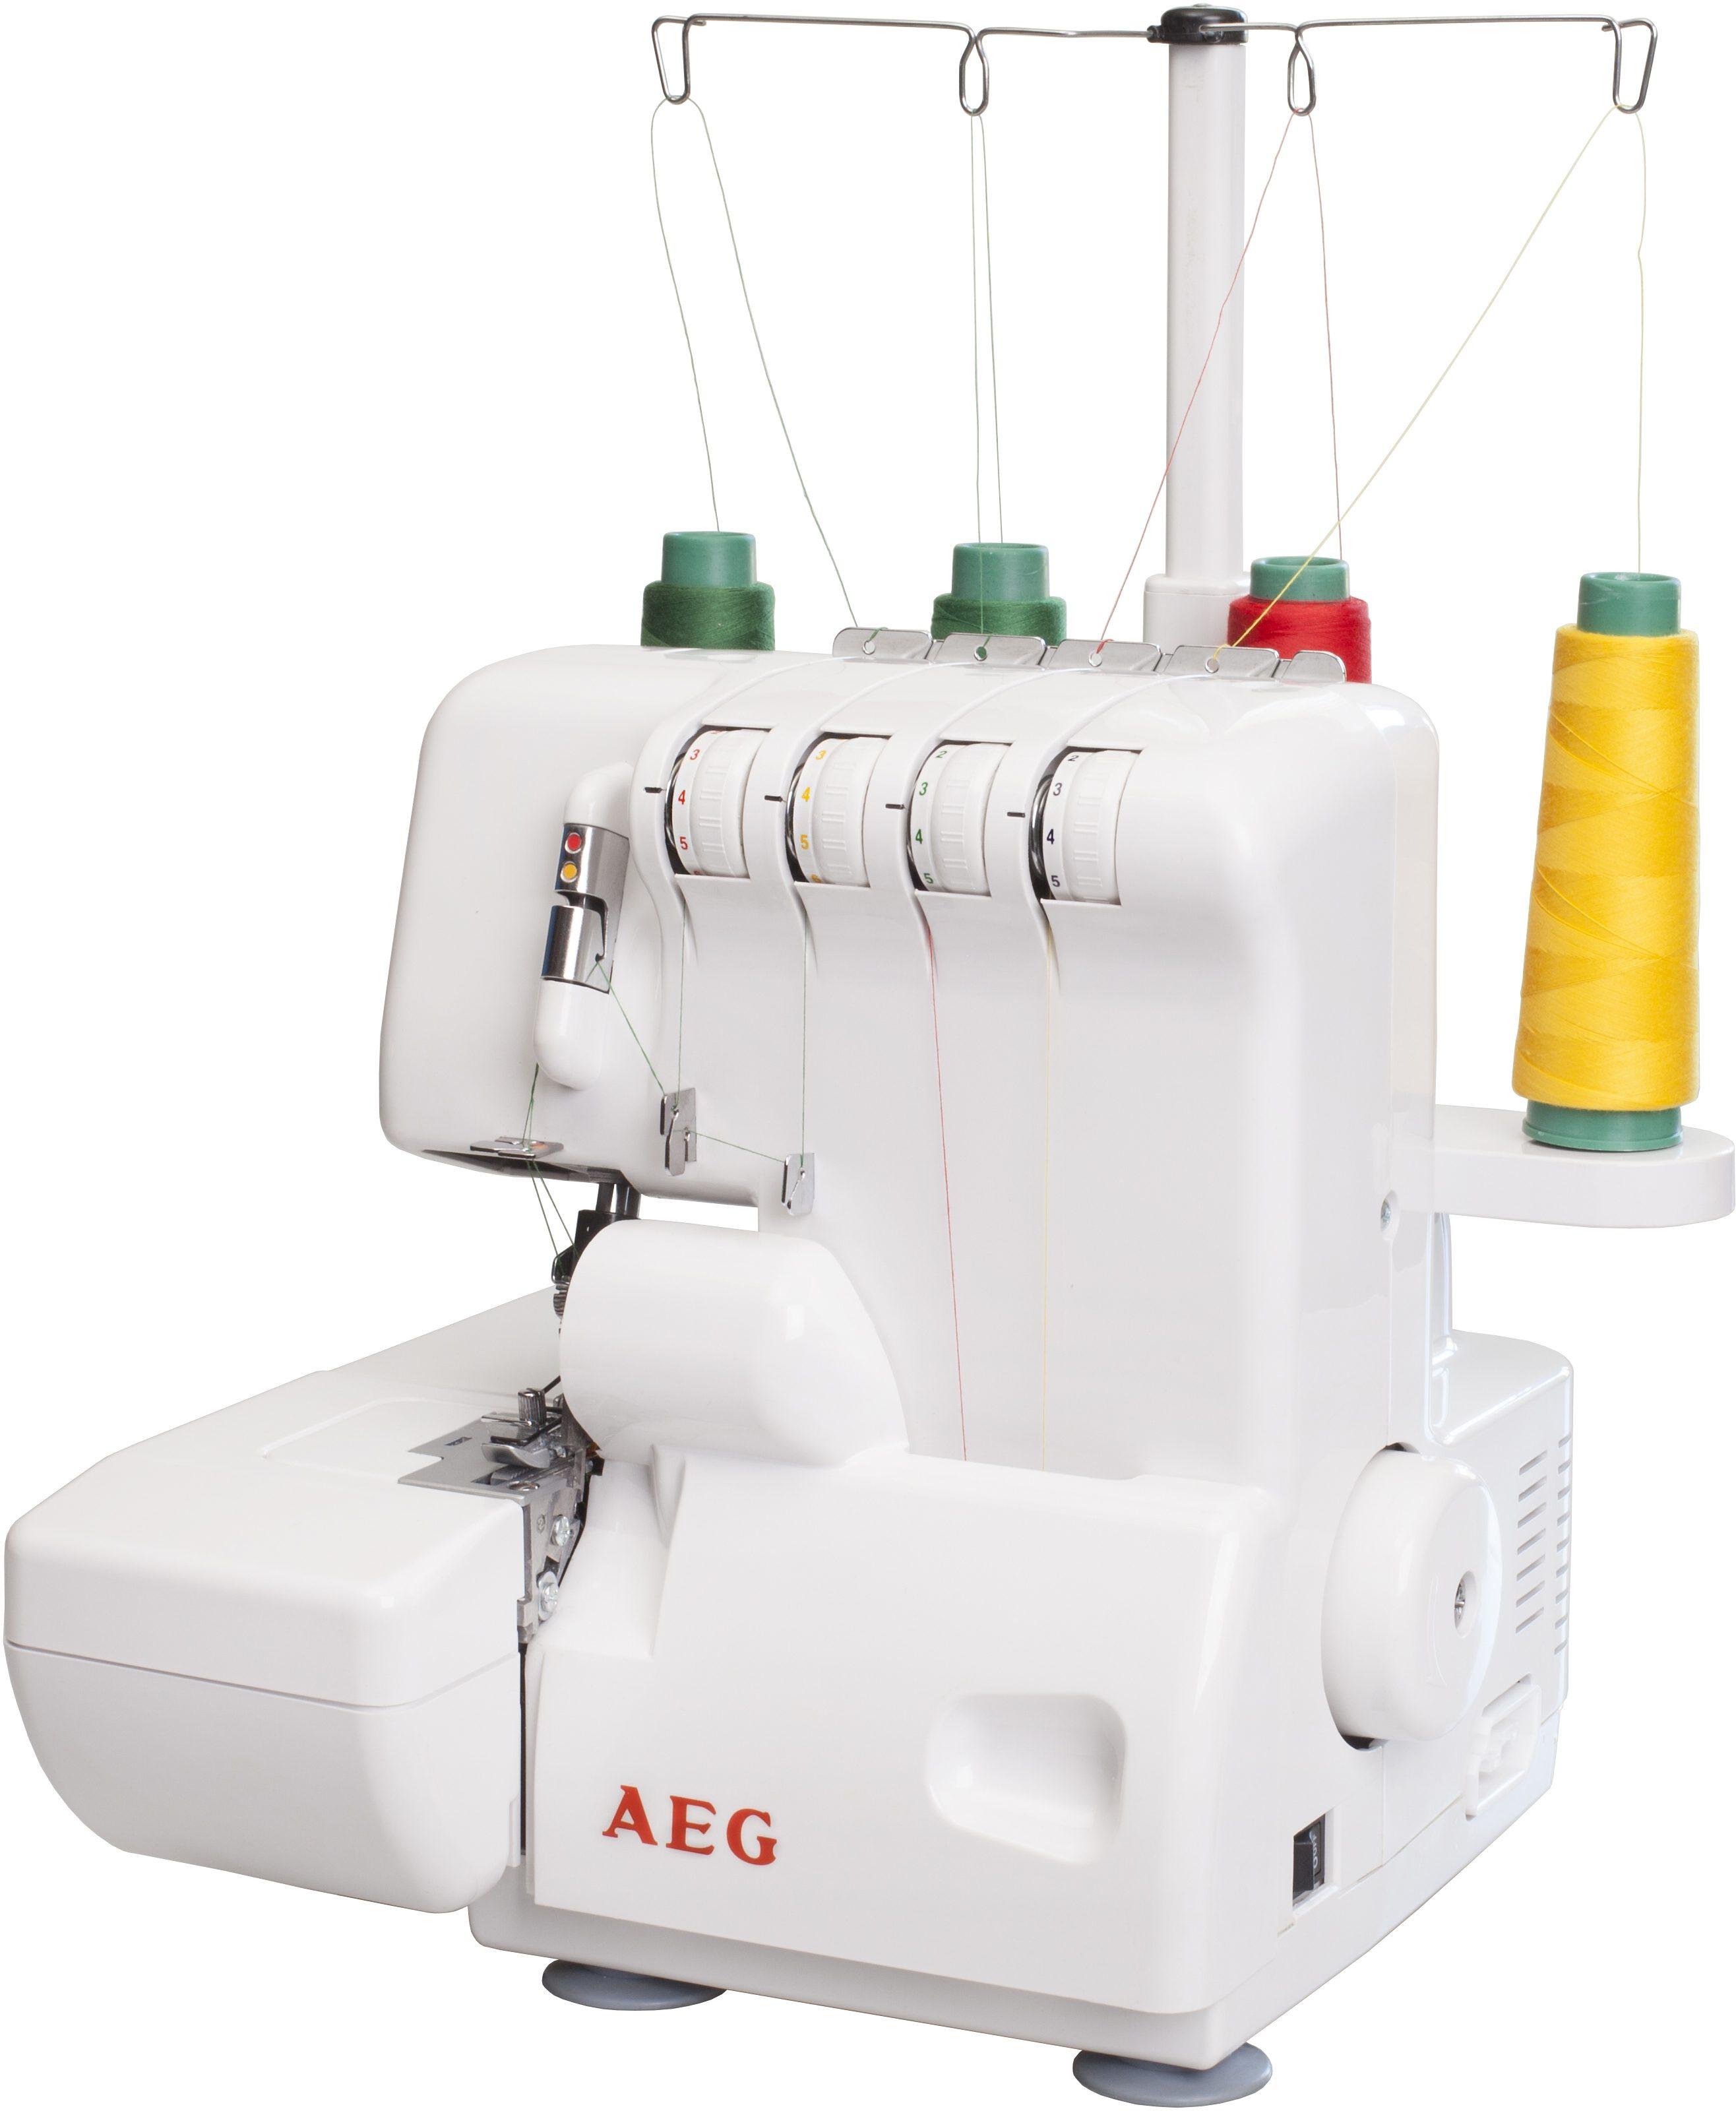 AEG Overlock-Maschine 3500, Programme, 5 Sticharten, mit Zubehör